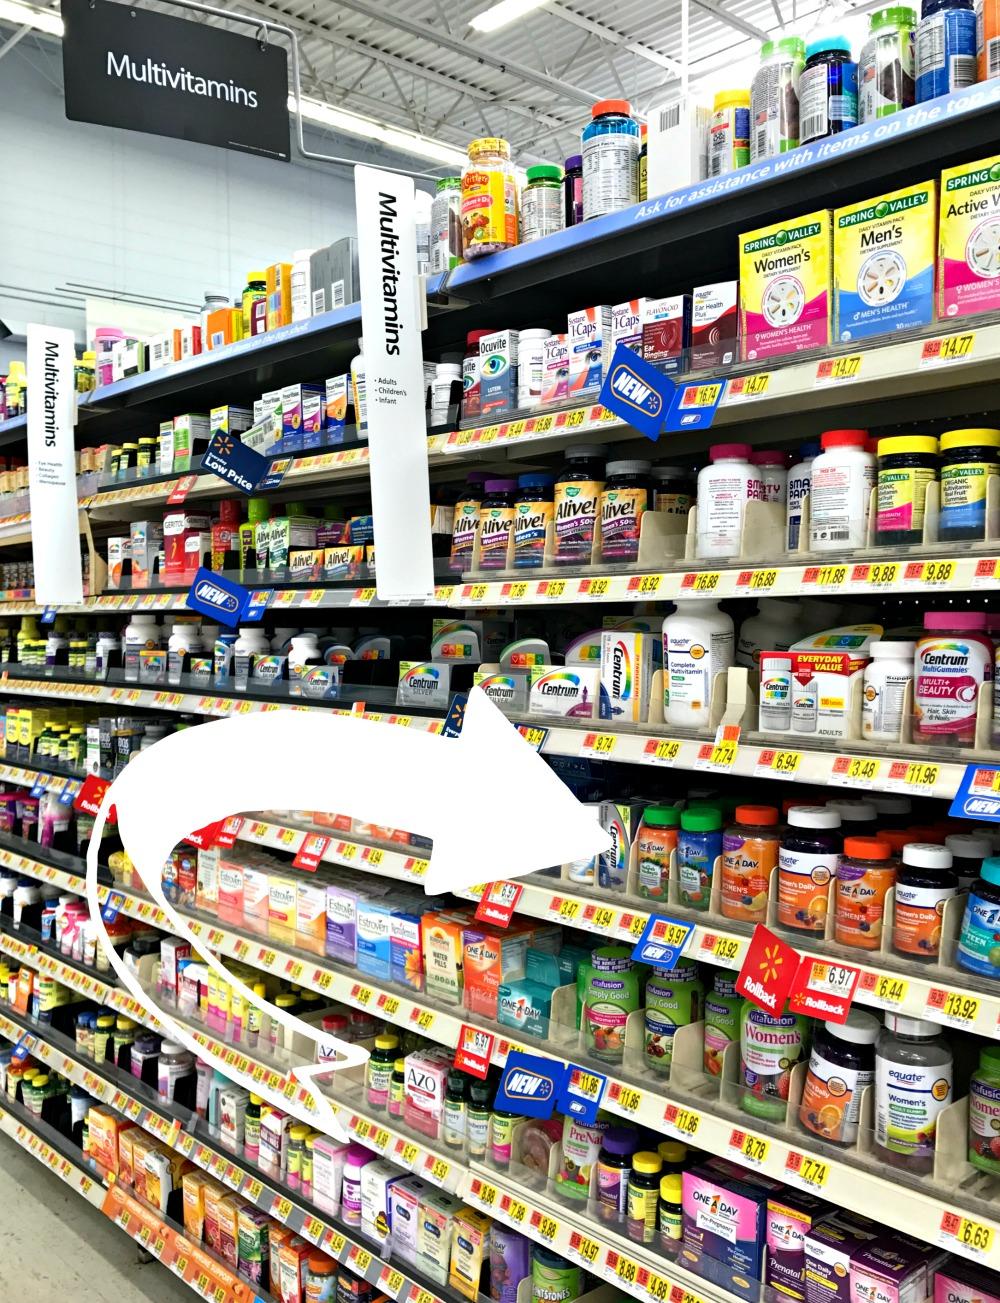 Vitamins at Walmart